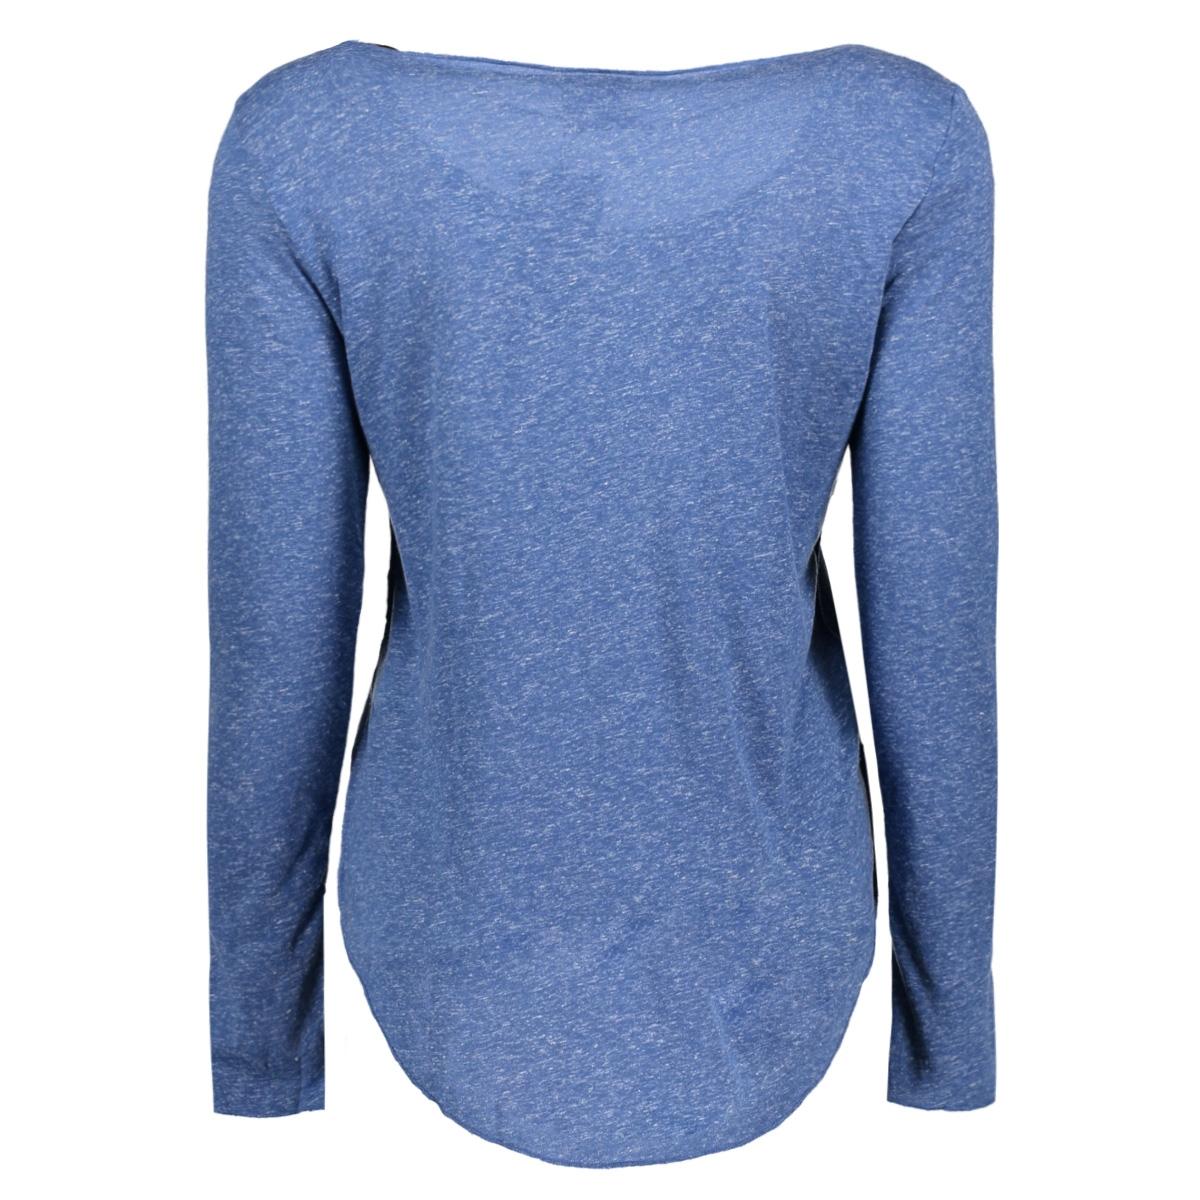 vmlua ls top noos 10158658 vero moda t-shirt true navy